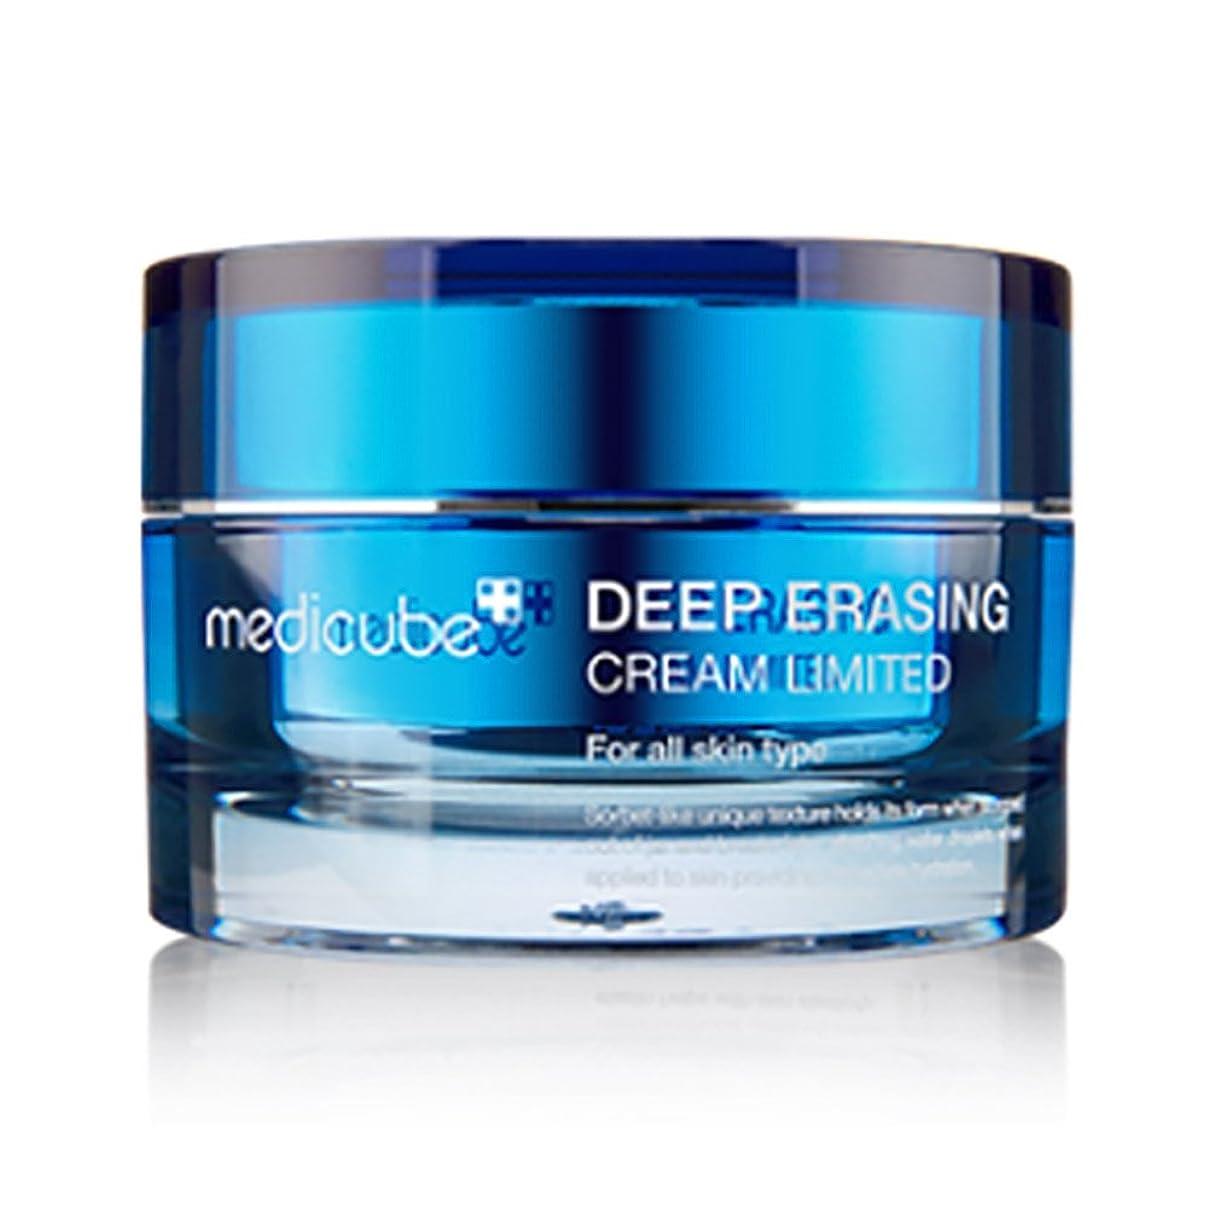 電気技師空虚ピック[メディキューブ]Medicube メディキューブ ディープイレイジングクリームリミテッド 50ml 海外直商品 Summer Limited Blue Deep Erasing Cream 50ml [並行輸入品]